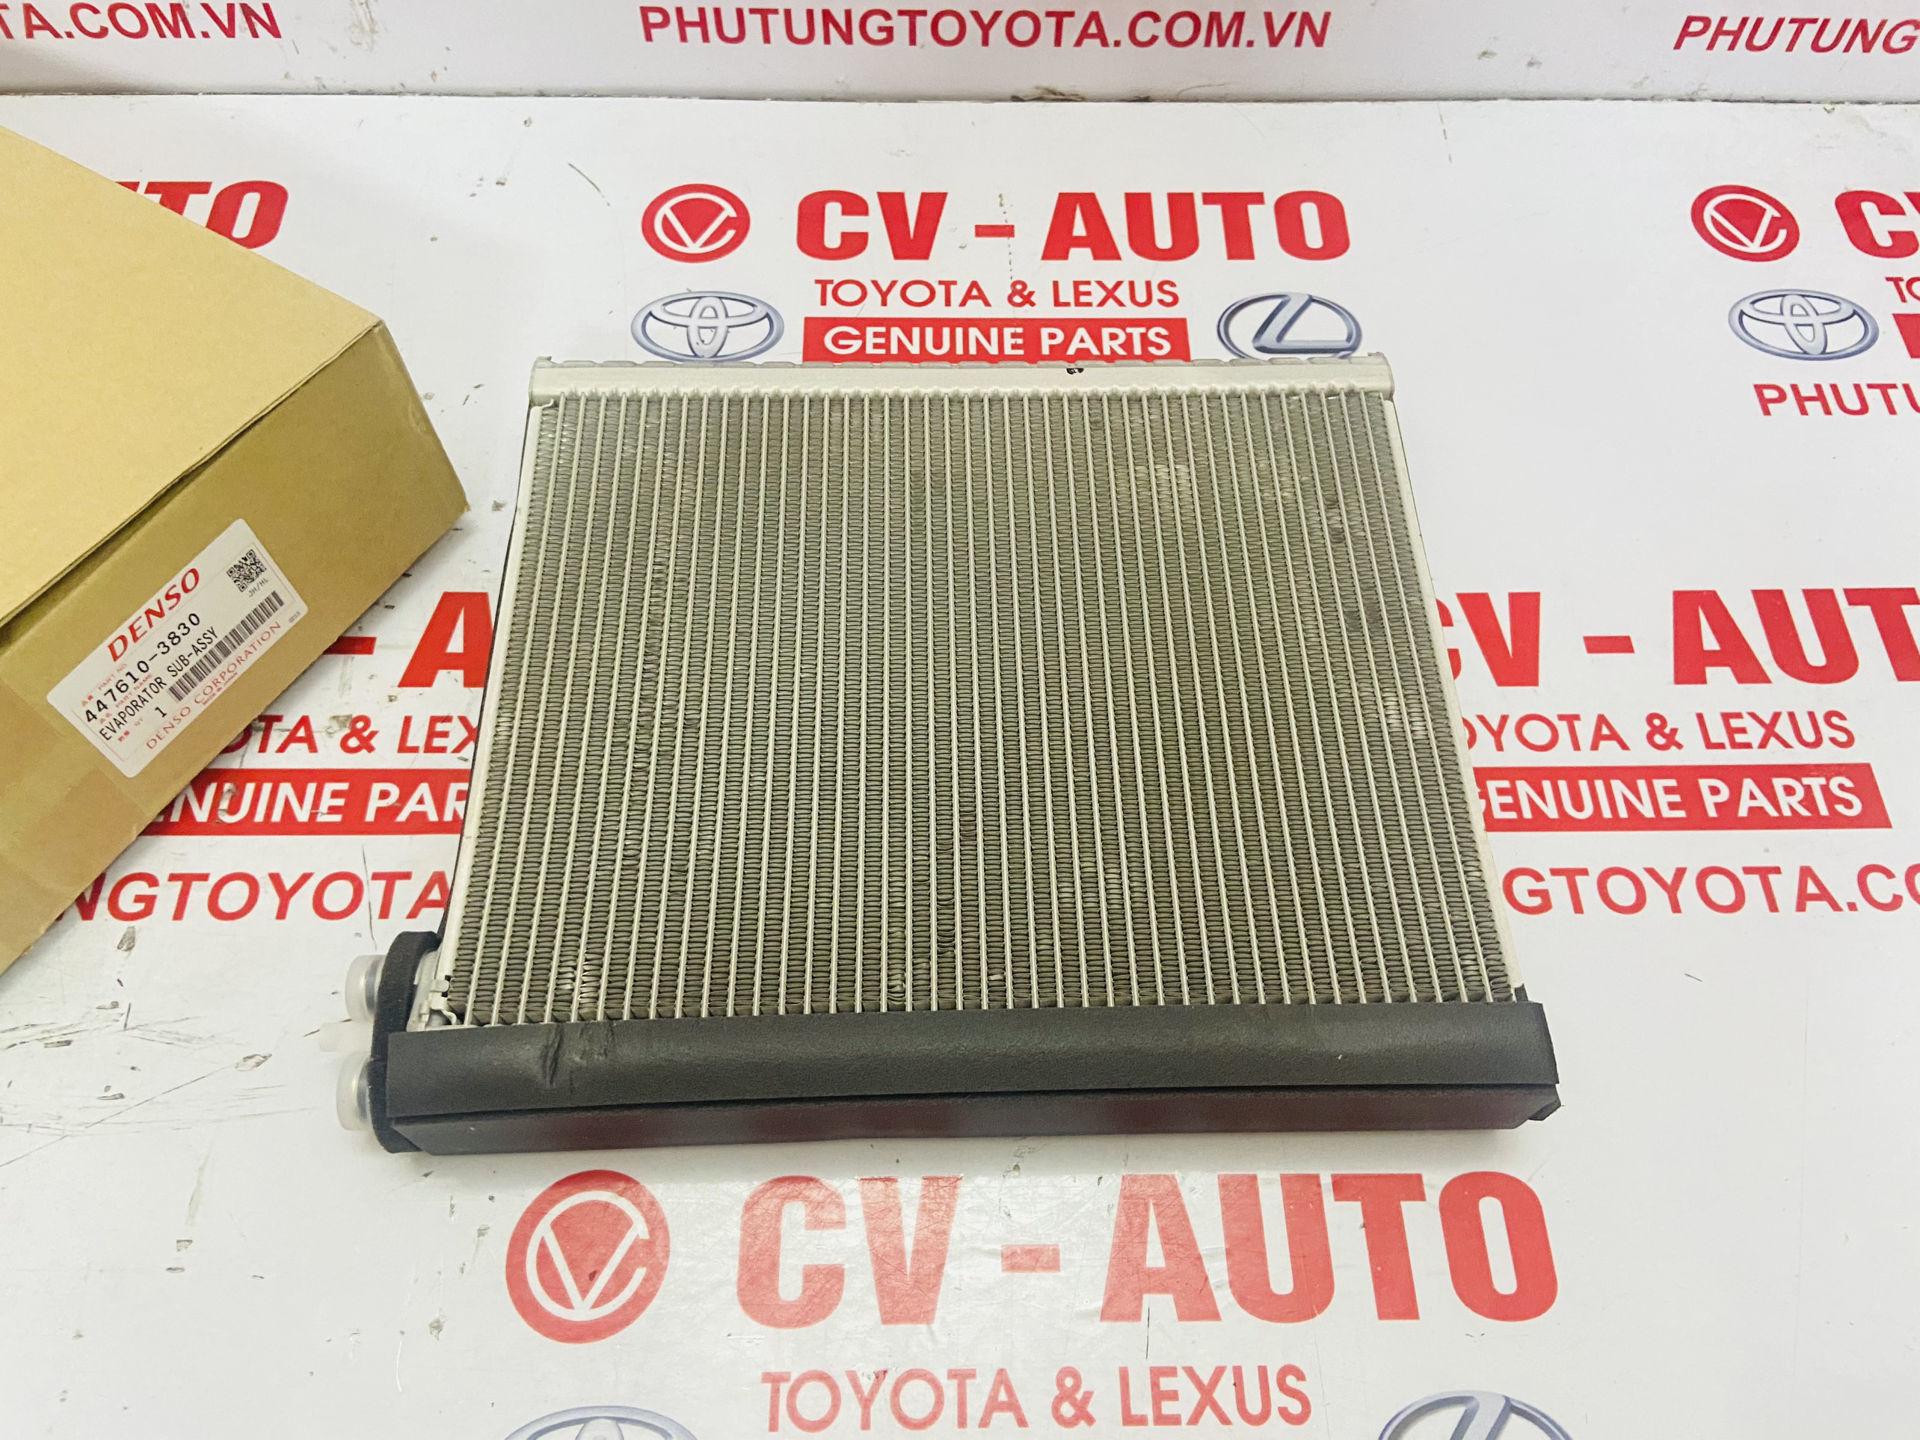 Picture of 447610-3830, 4476103830 Giàn lạnh Lexus GX470, Toyota Land Cruiser Prado 2006-2008 Denso chính hãng